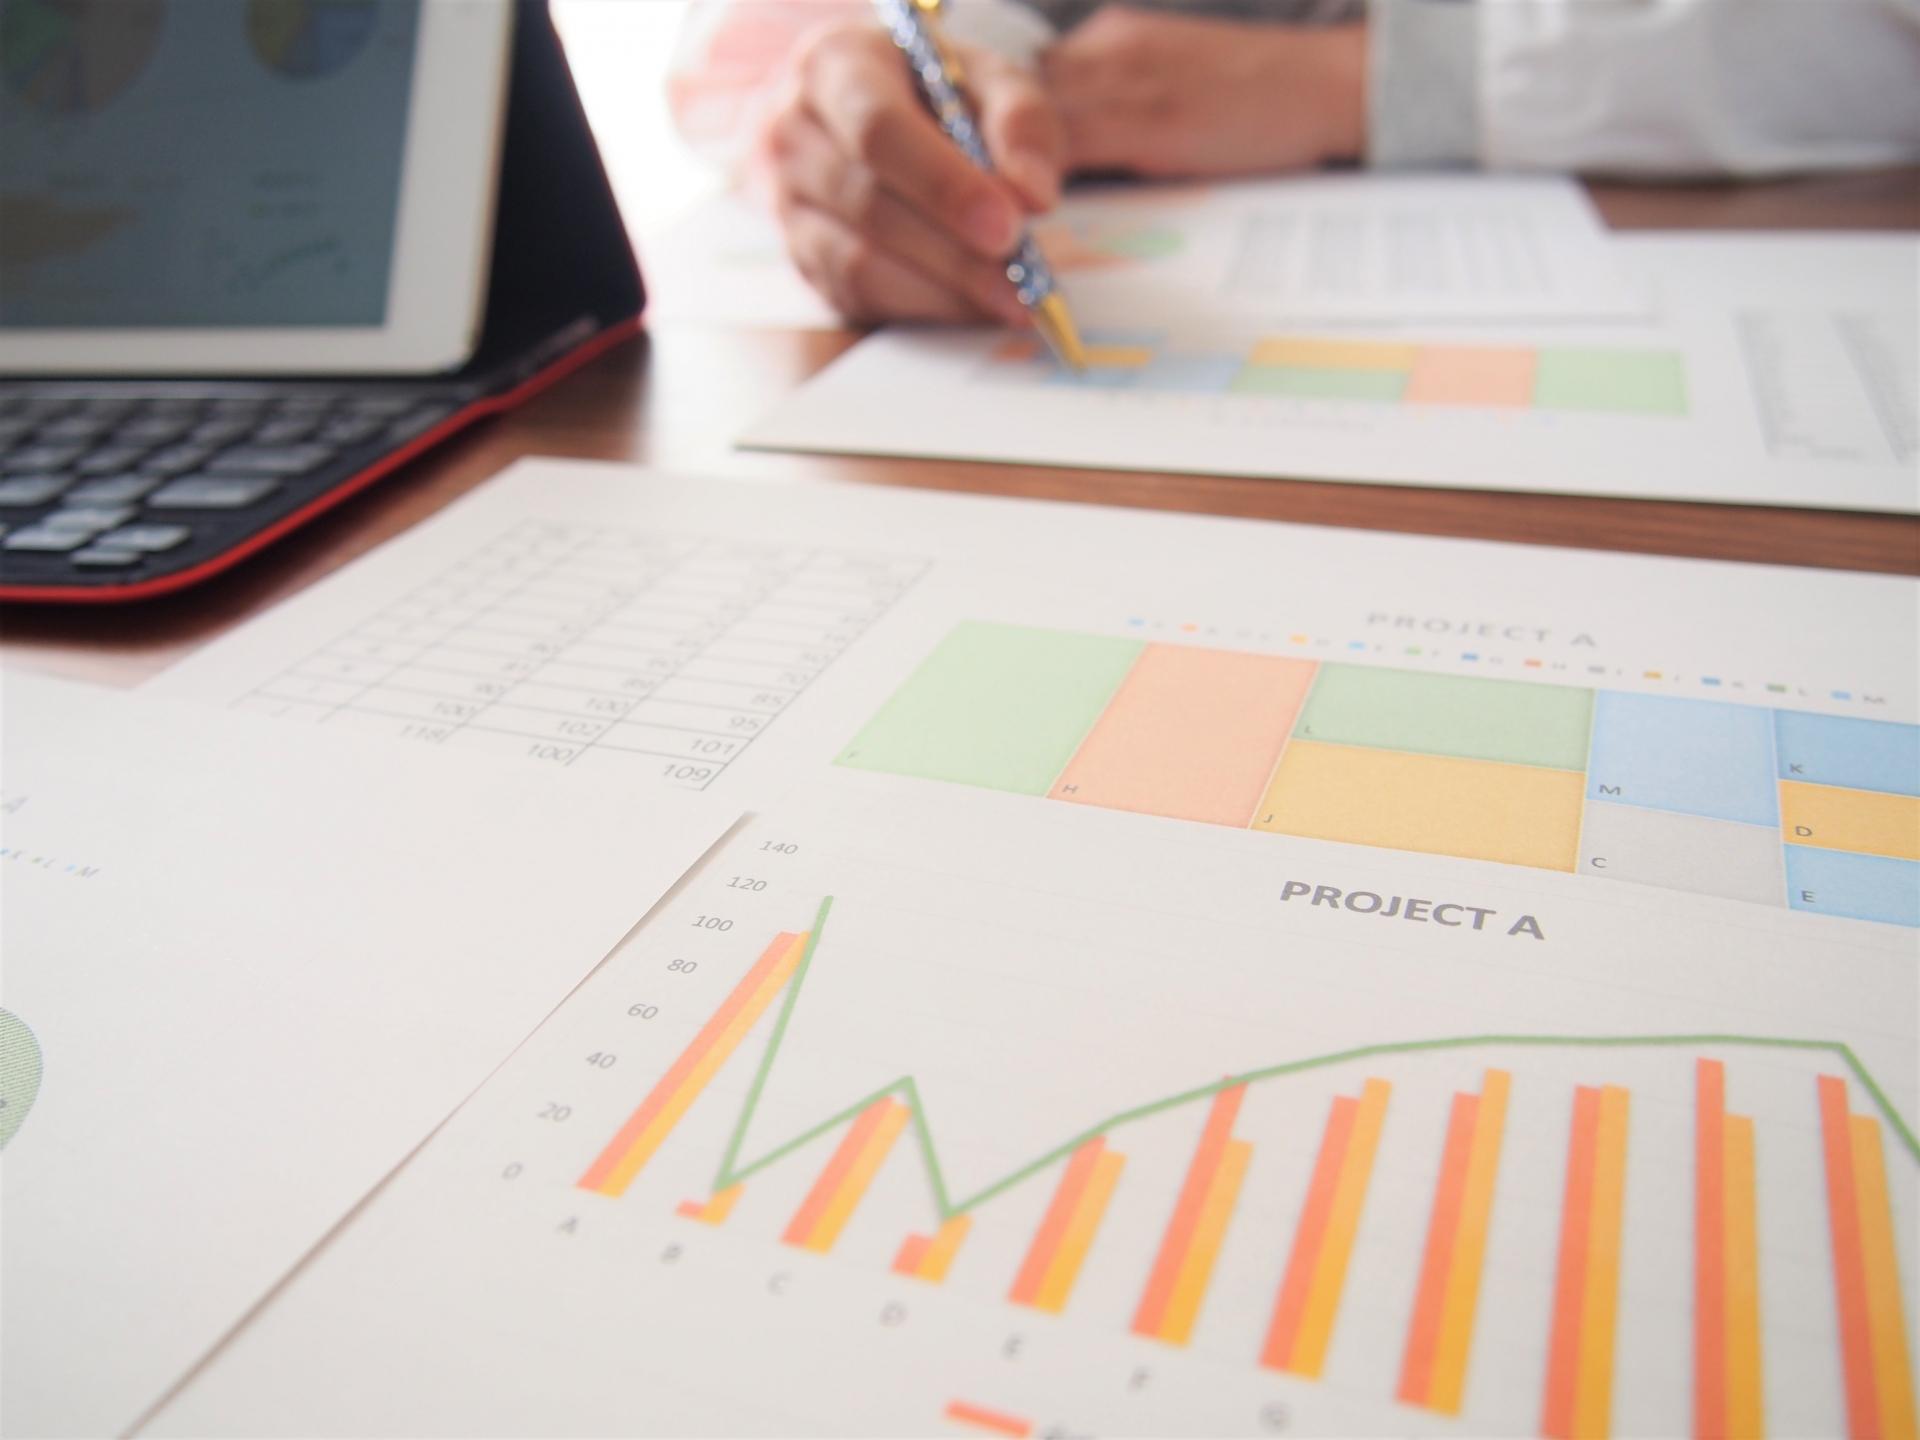 社用車のリースと購入、「会計」や「経費」の観点ではどう違う?